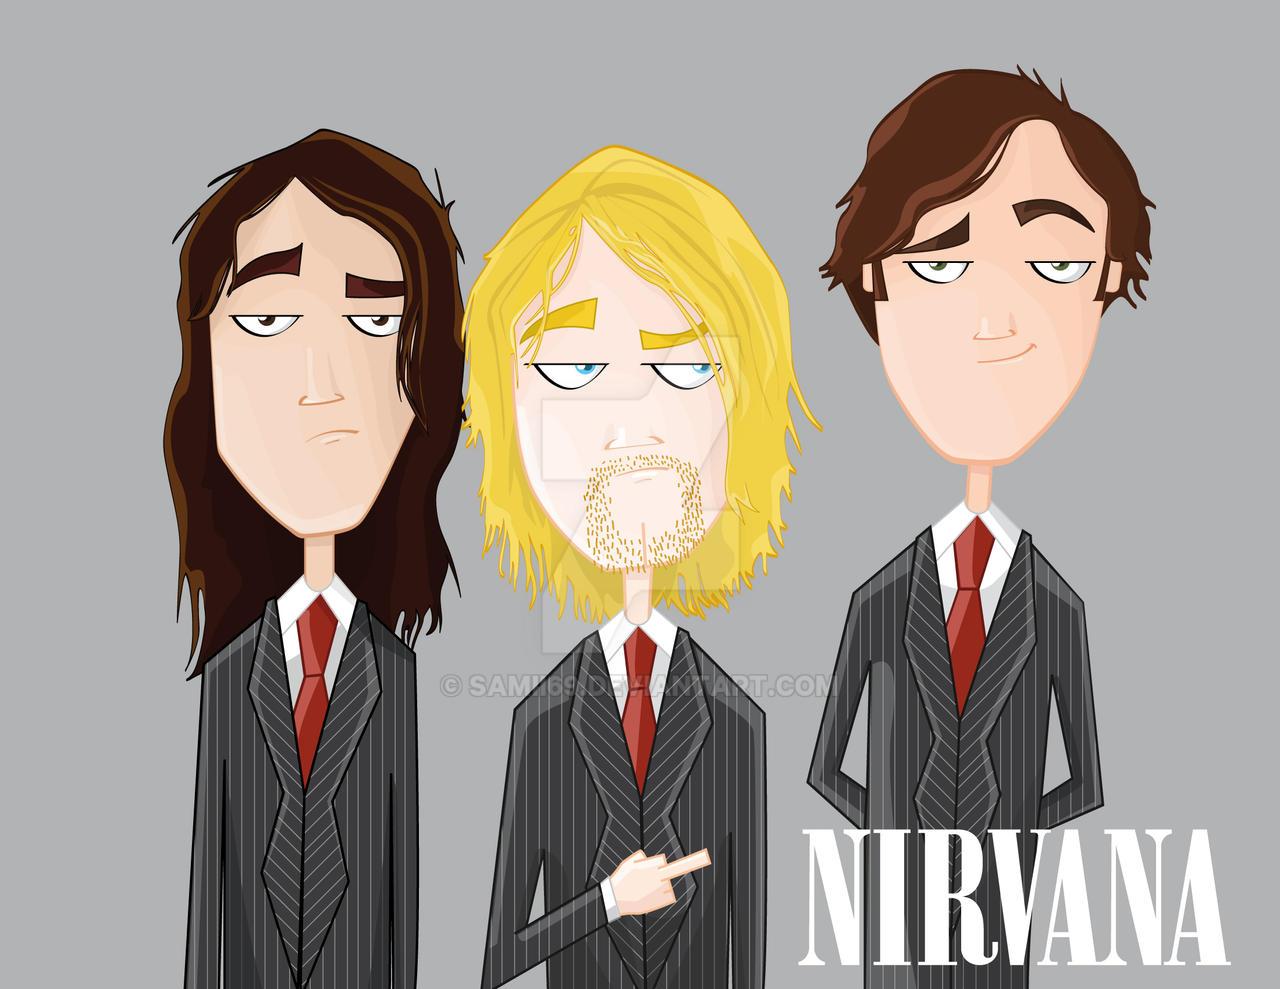 Nirvana by samii69